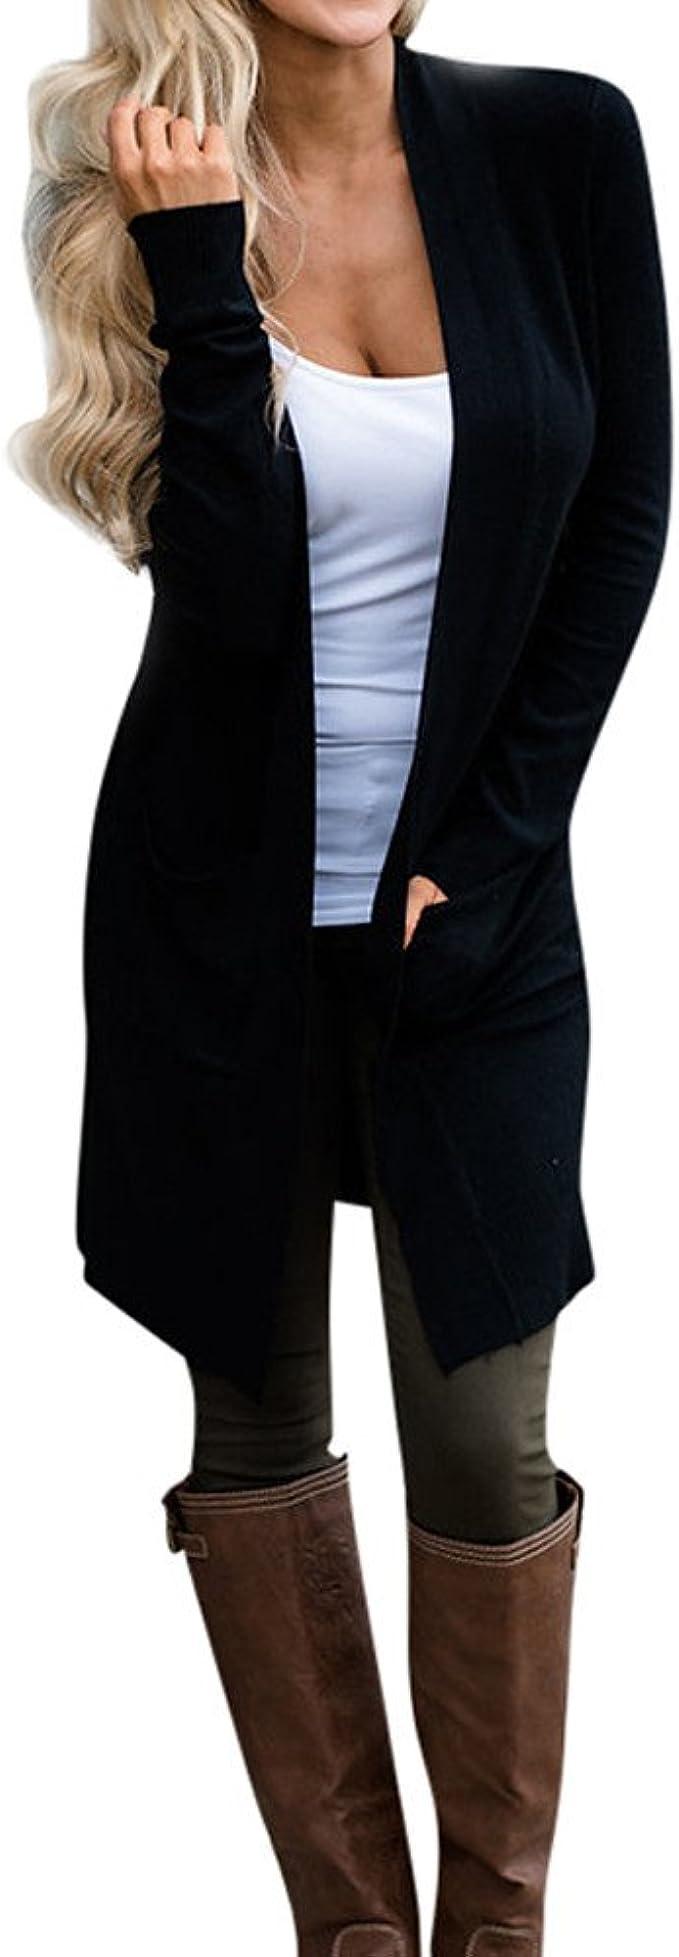 Gilet Giacca Donna Invernale Cappotto Elegante Pelliccia Cappotti Giacche Donne con Tasche Parka Caldo Capispalla Giubbino Giubbotto Outwear Vestiti Inverno Abbigliamento Multicolore S-XL